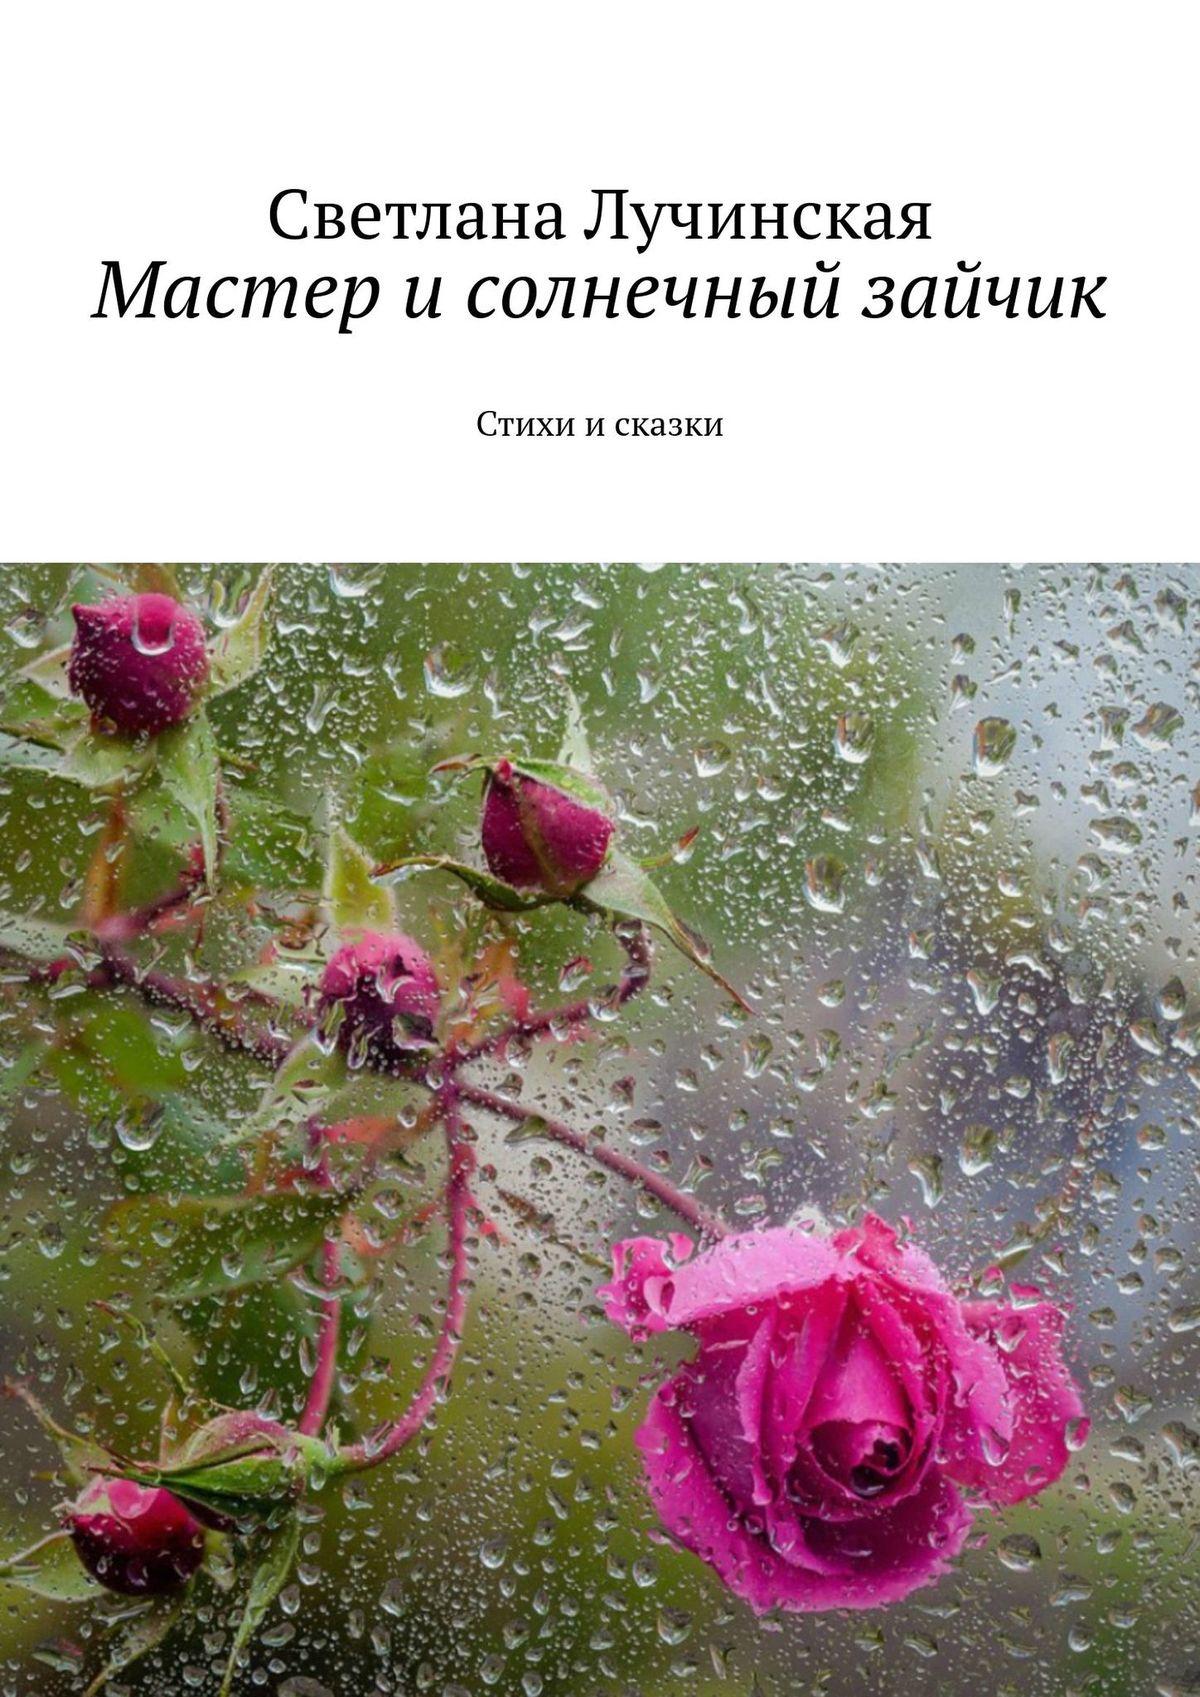 Светлана Лучинская Мастер исолнечный зайчик. Стихи исказки стоимость